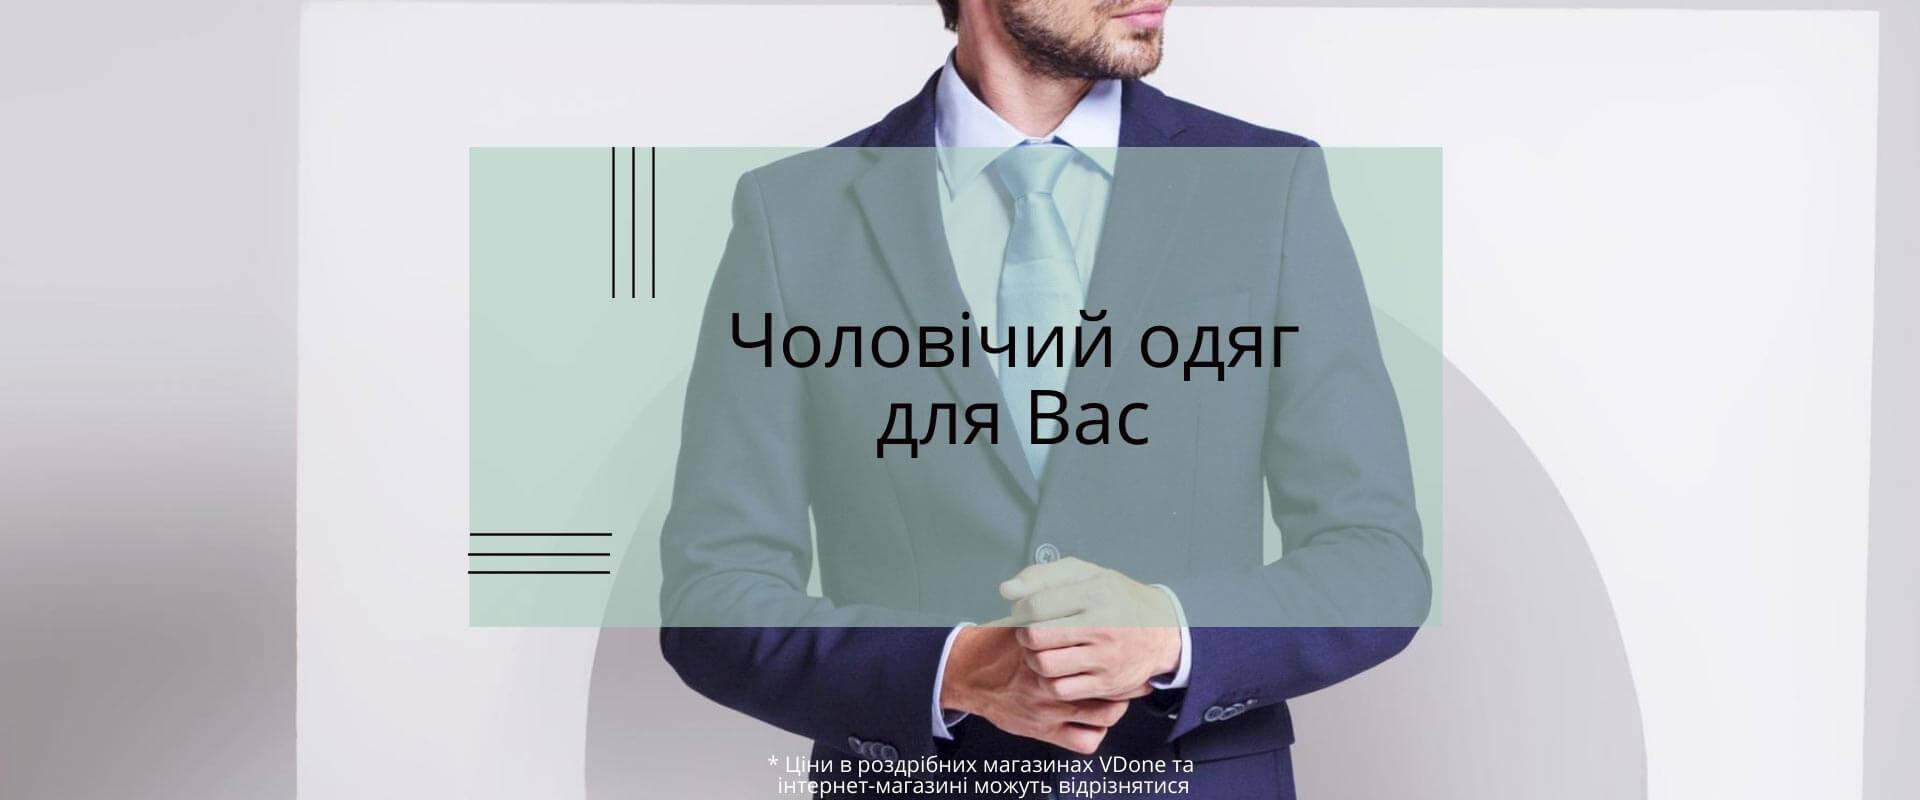 cholovIchiy odyag VDone